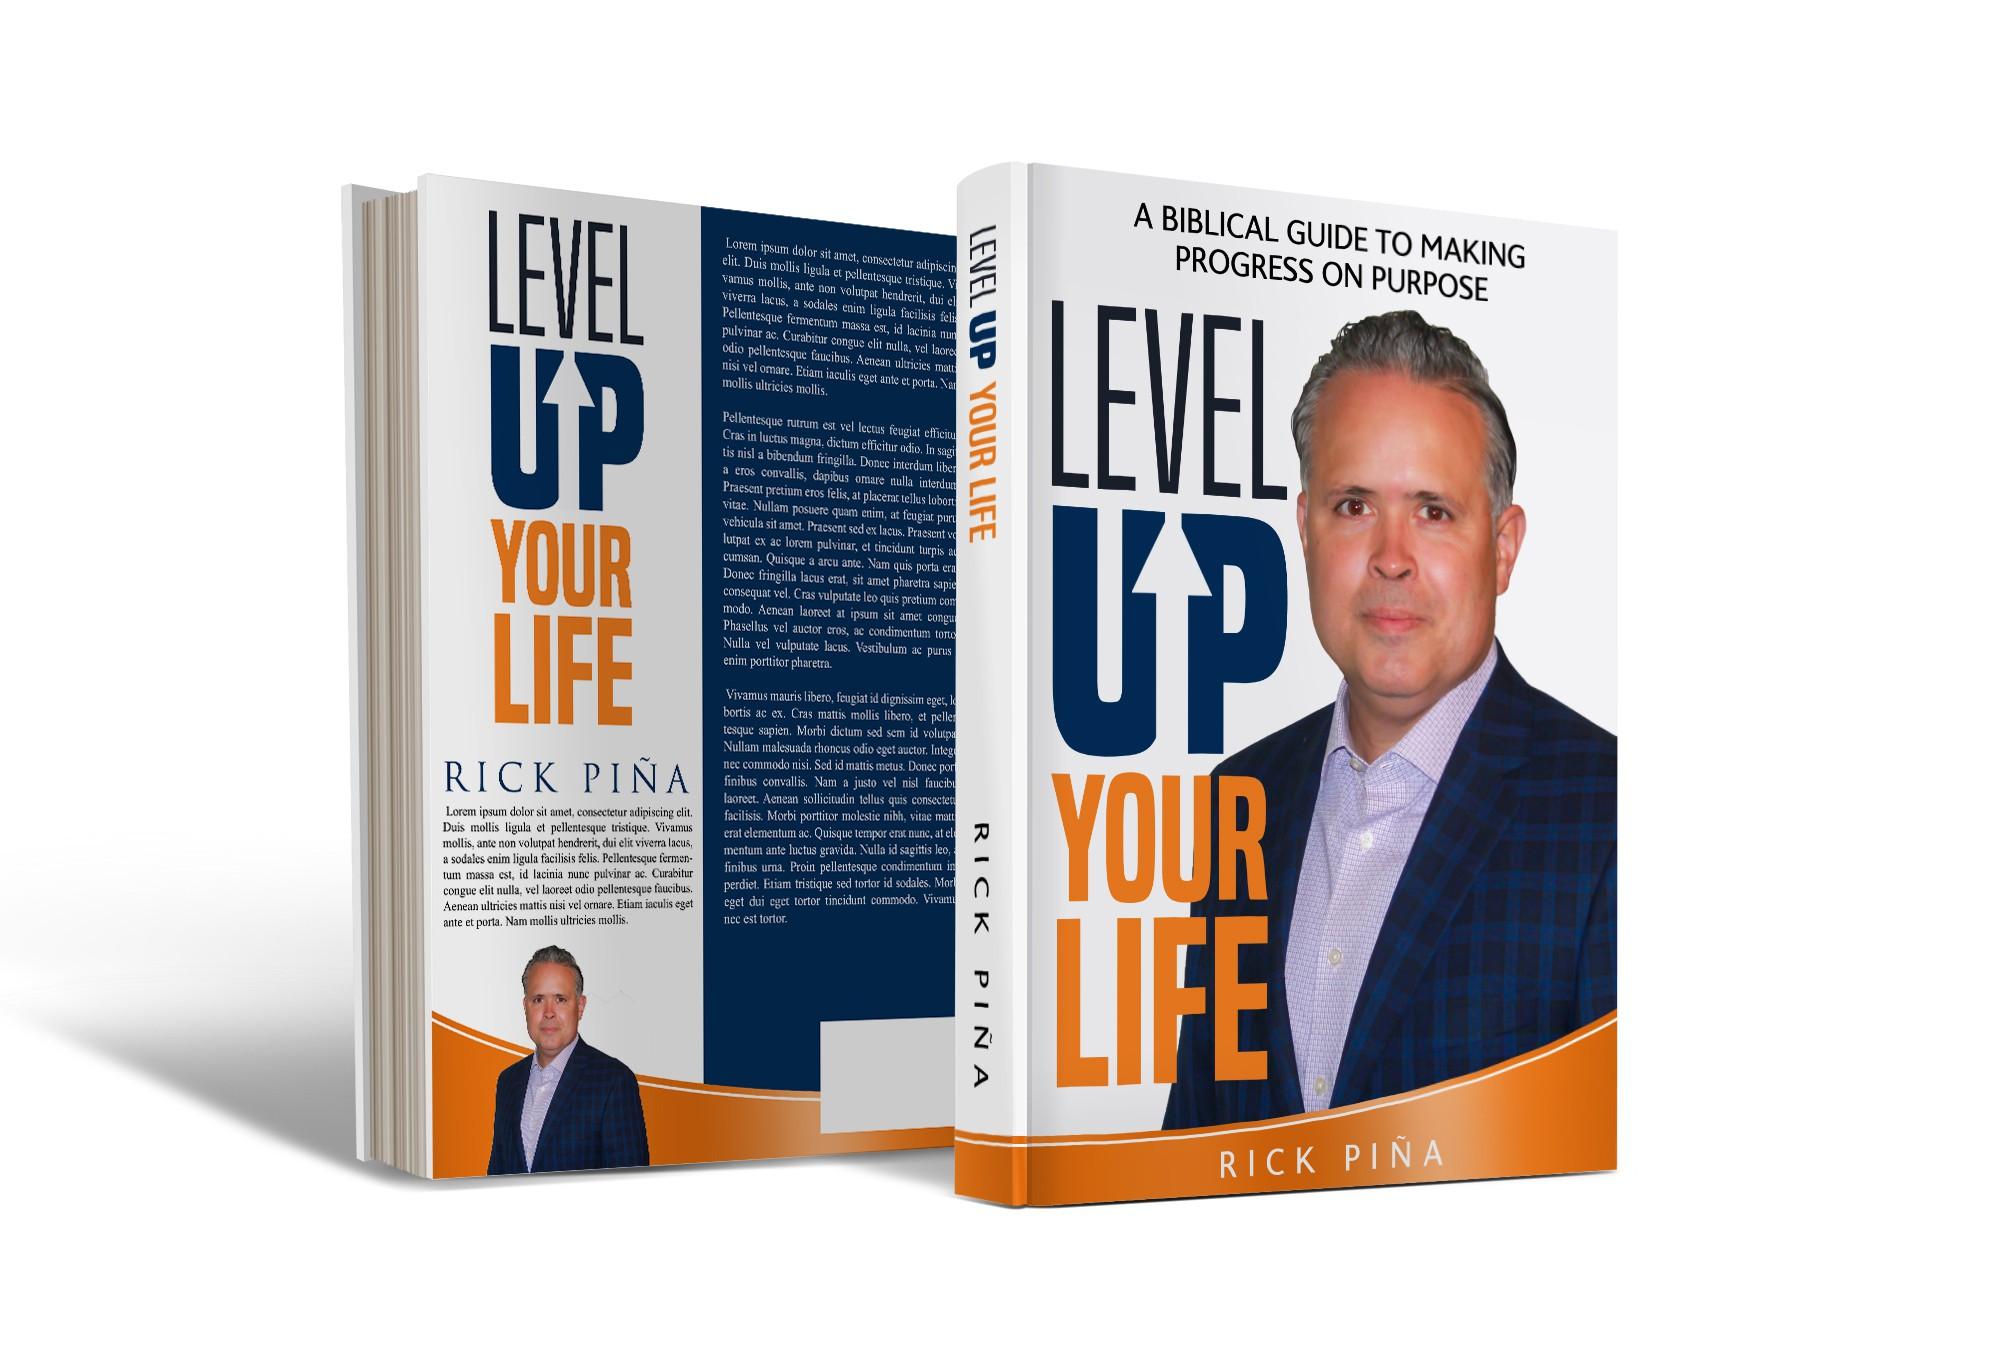 Design a book cover for a Christian author